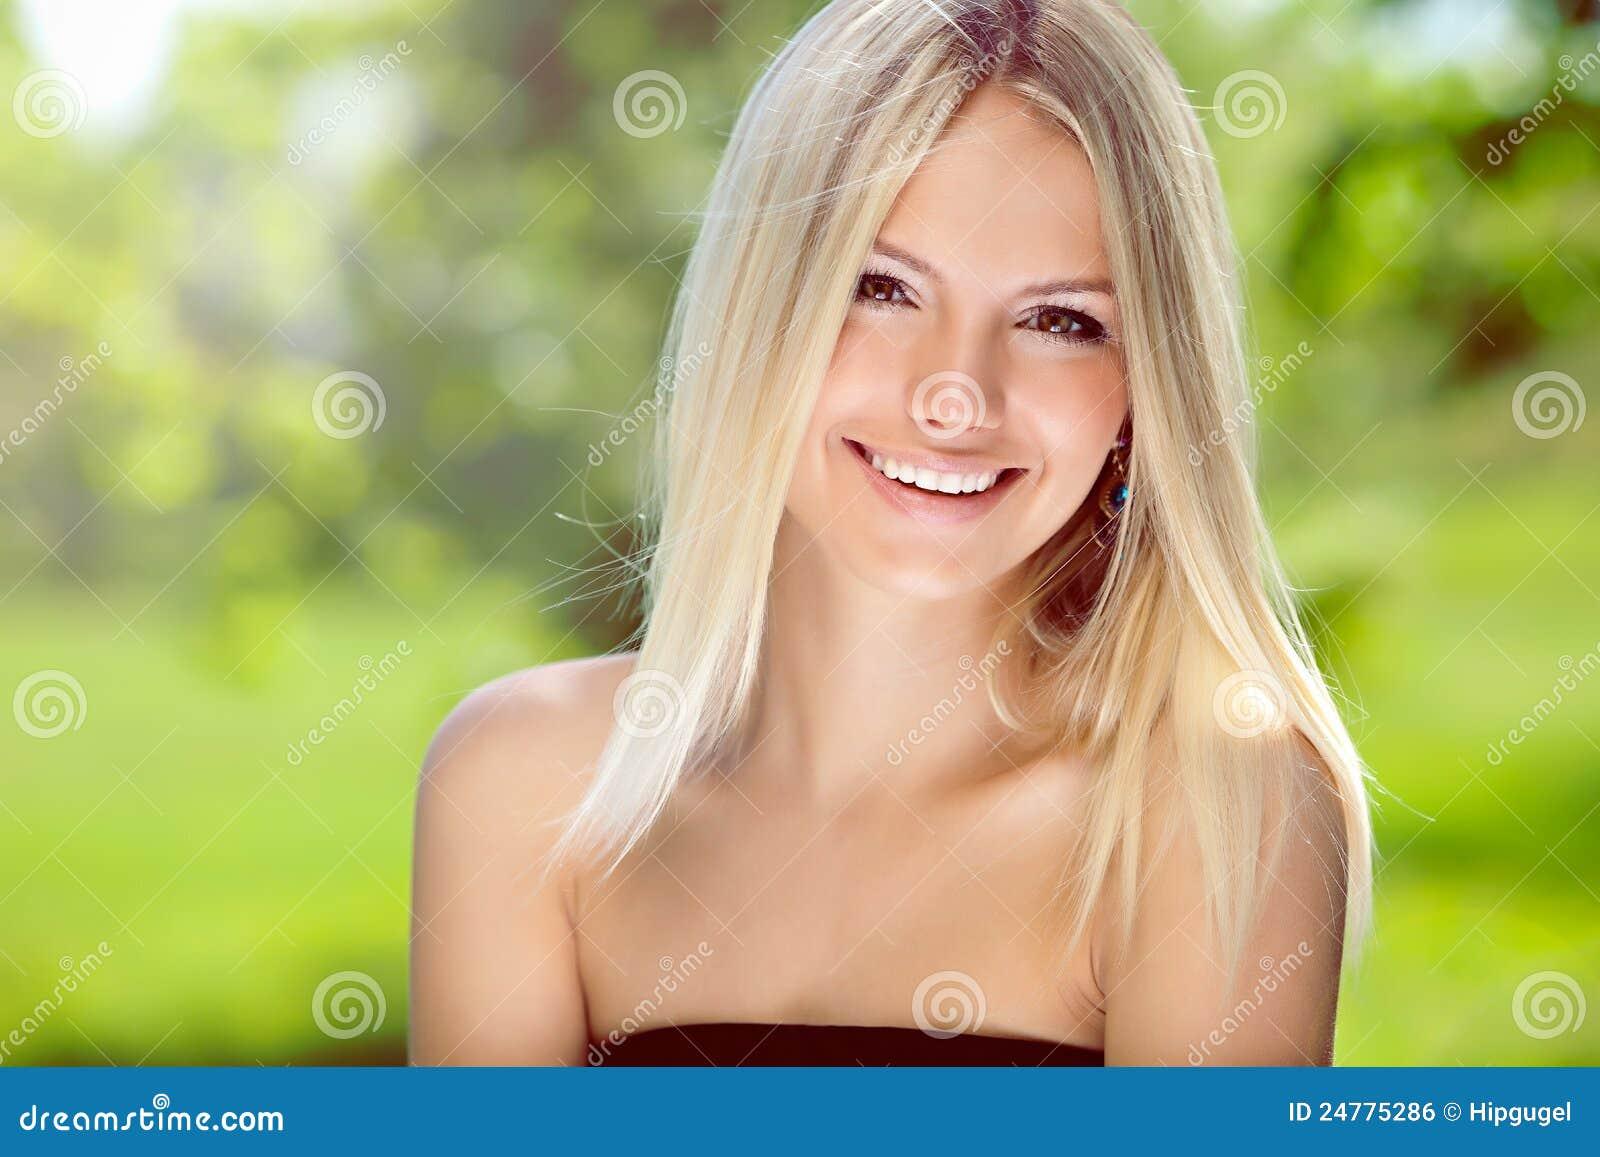 Light Blonde Hair Summer